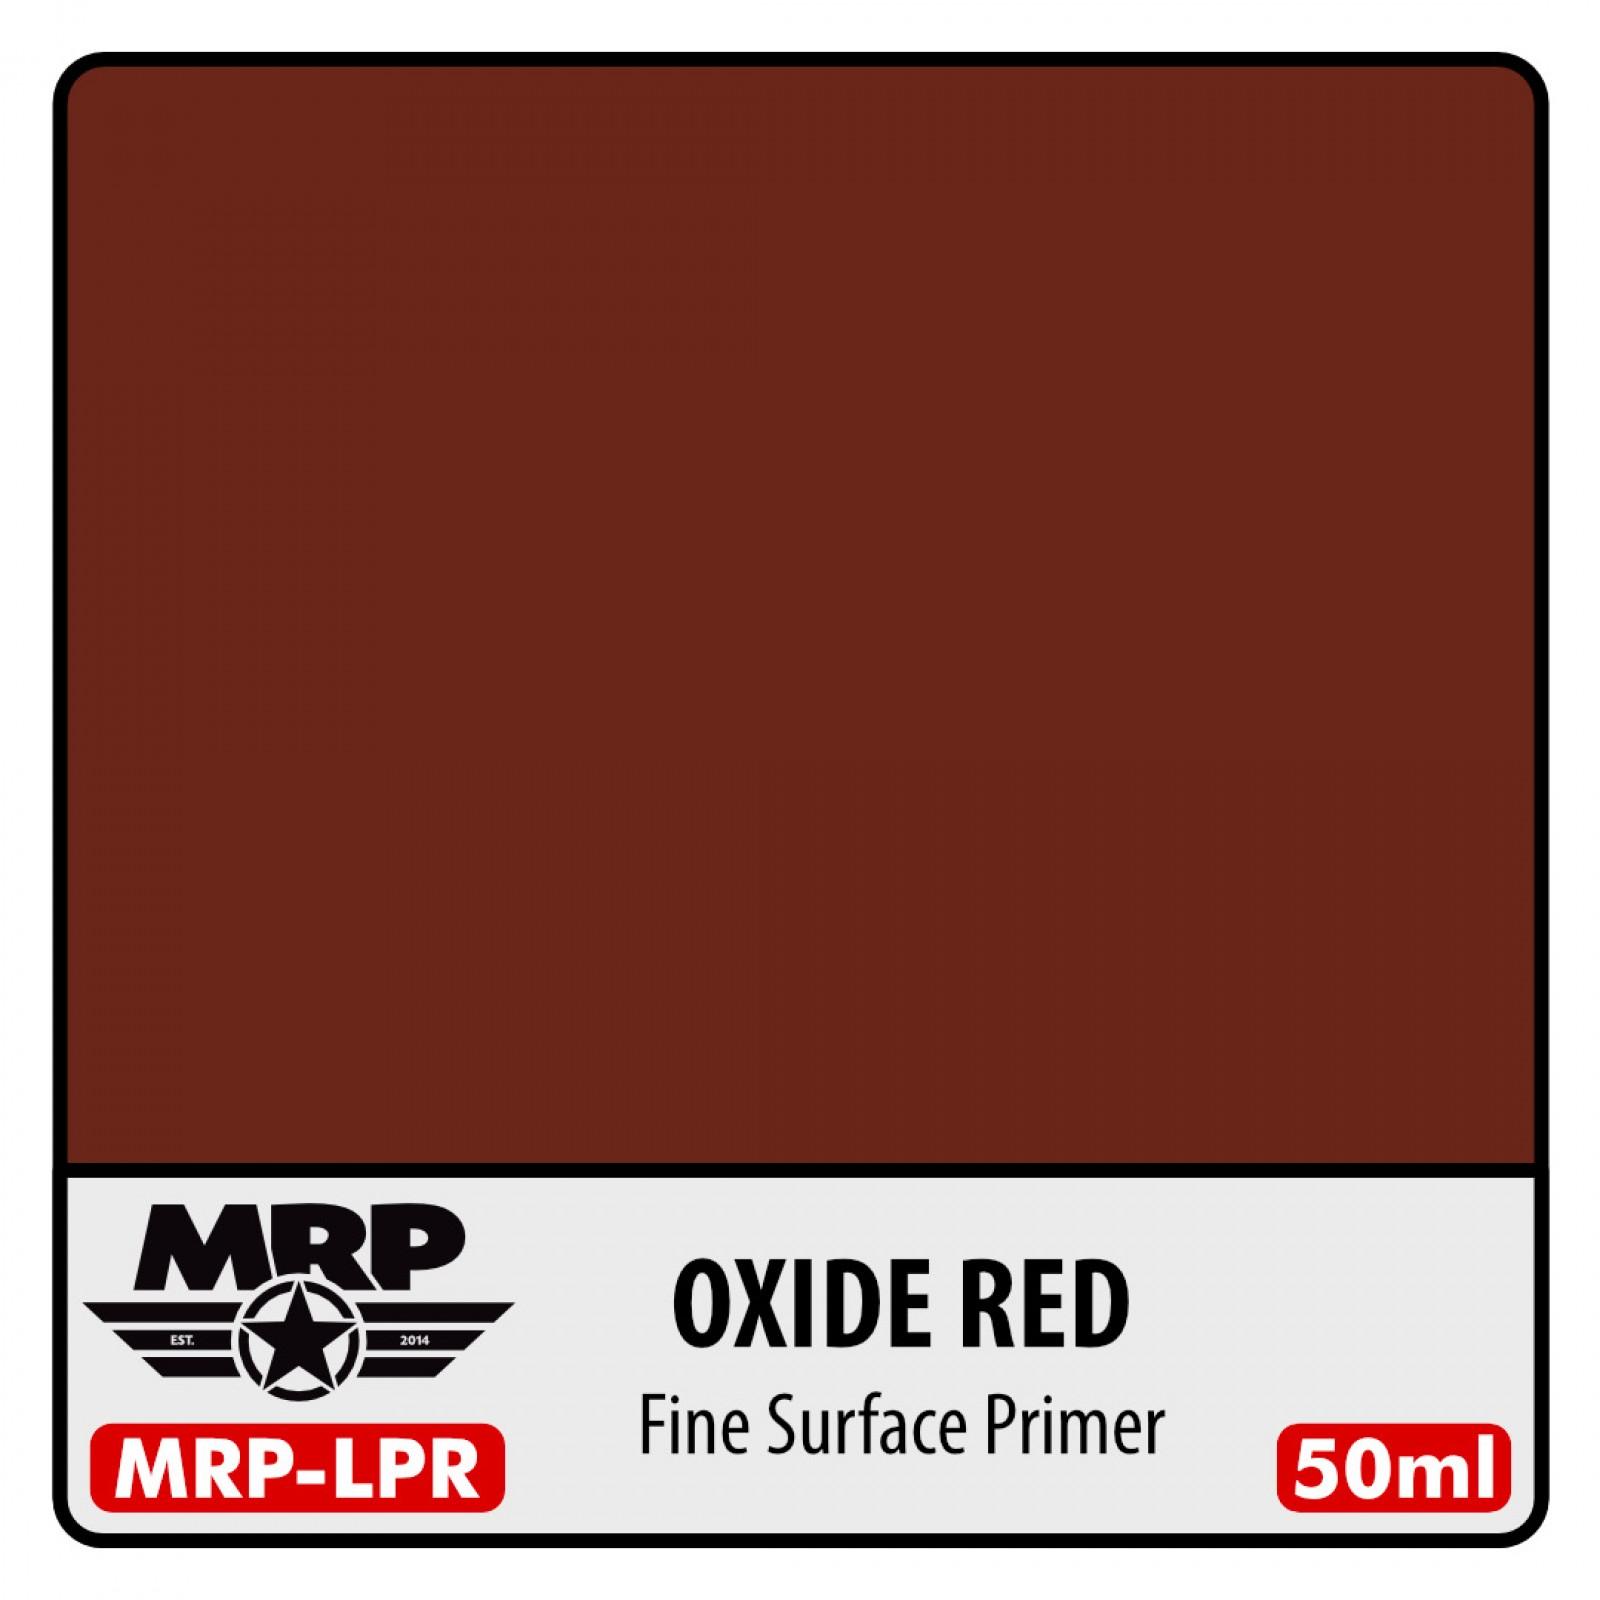 MRP-LPR  FINE SURFACE PRIMER-OXIDE RED